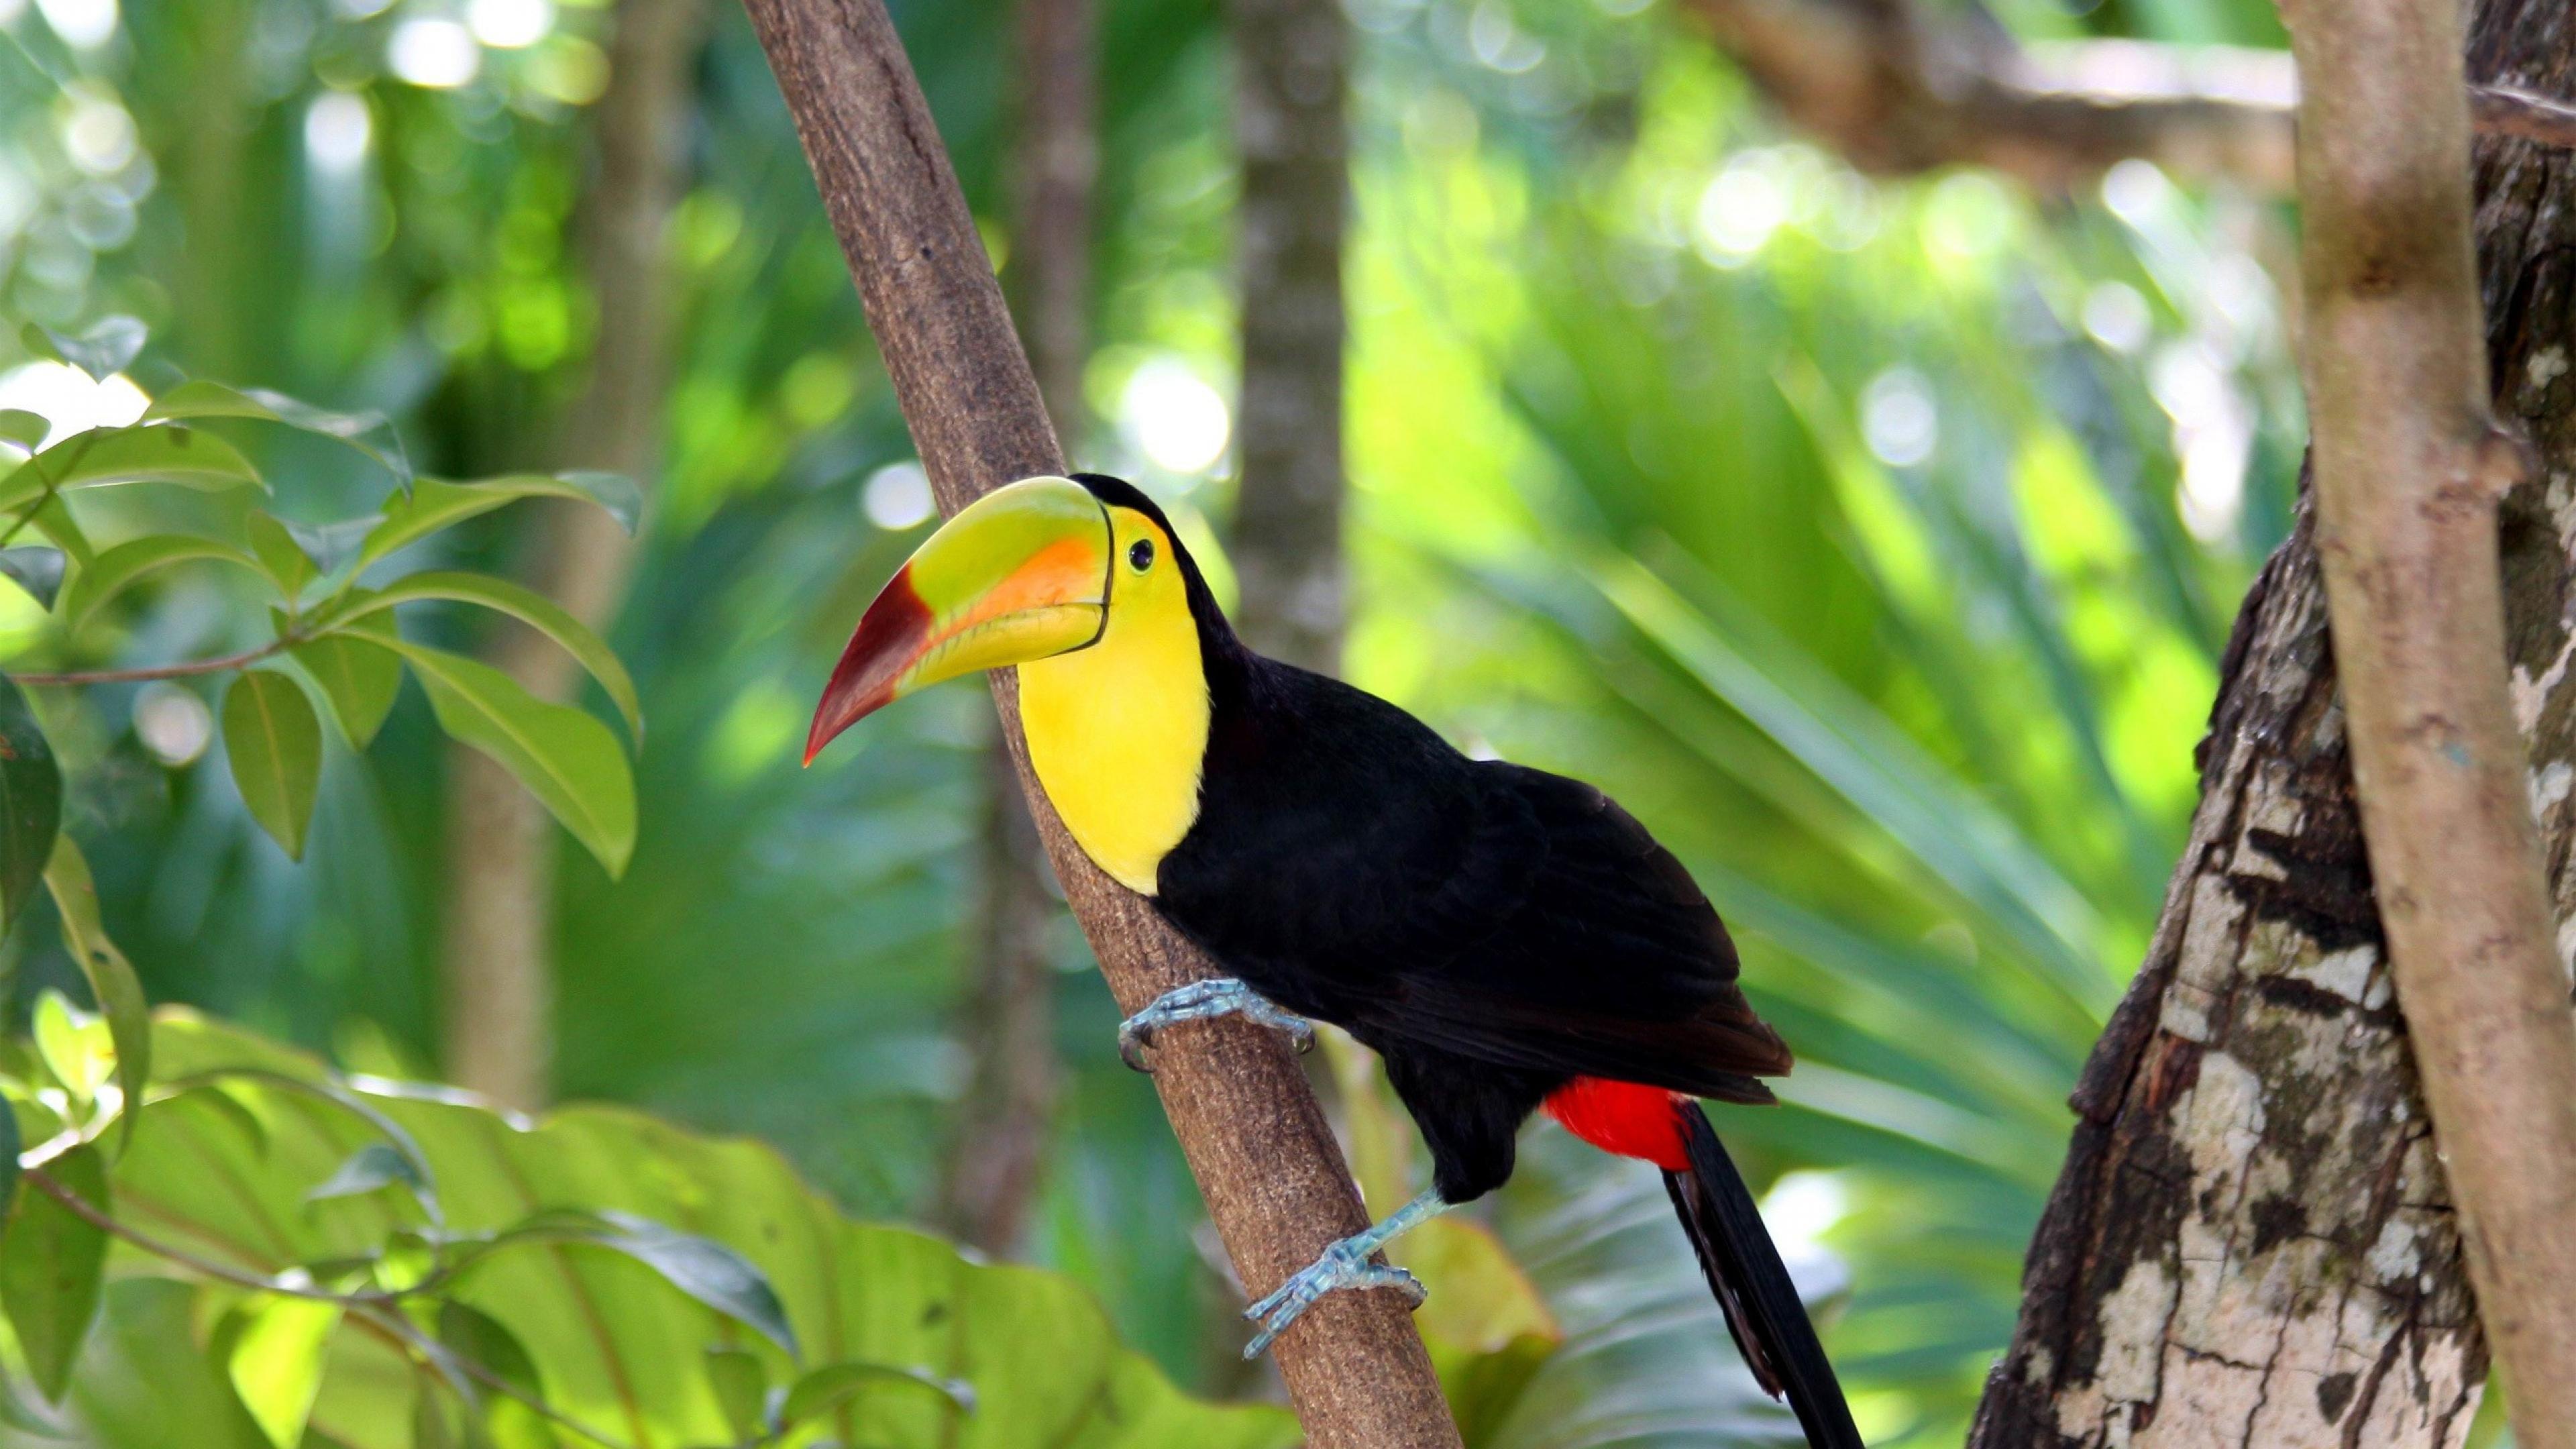 Bird Of Paradise Hd Wallpaper 17 Hd Toucan Bird Wallpapers Hdwallsource Com